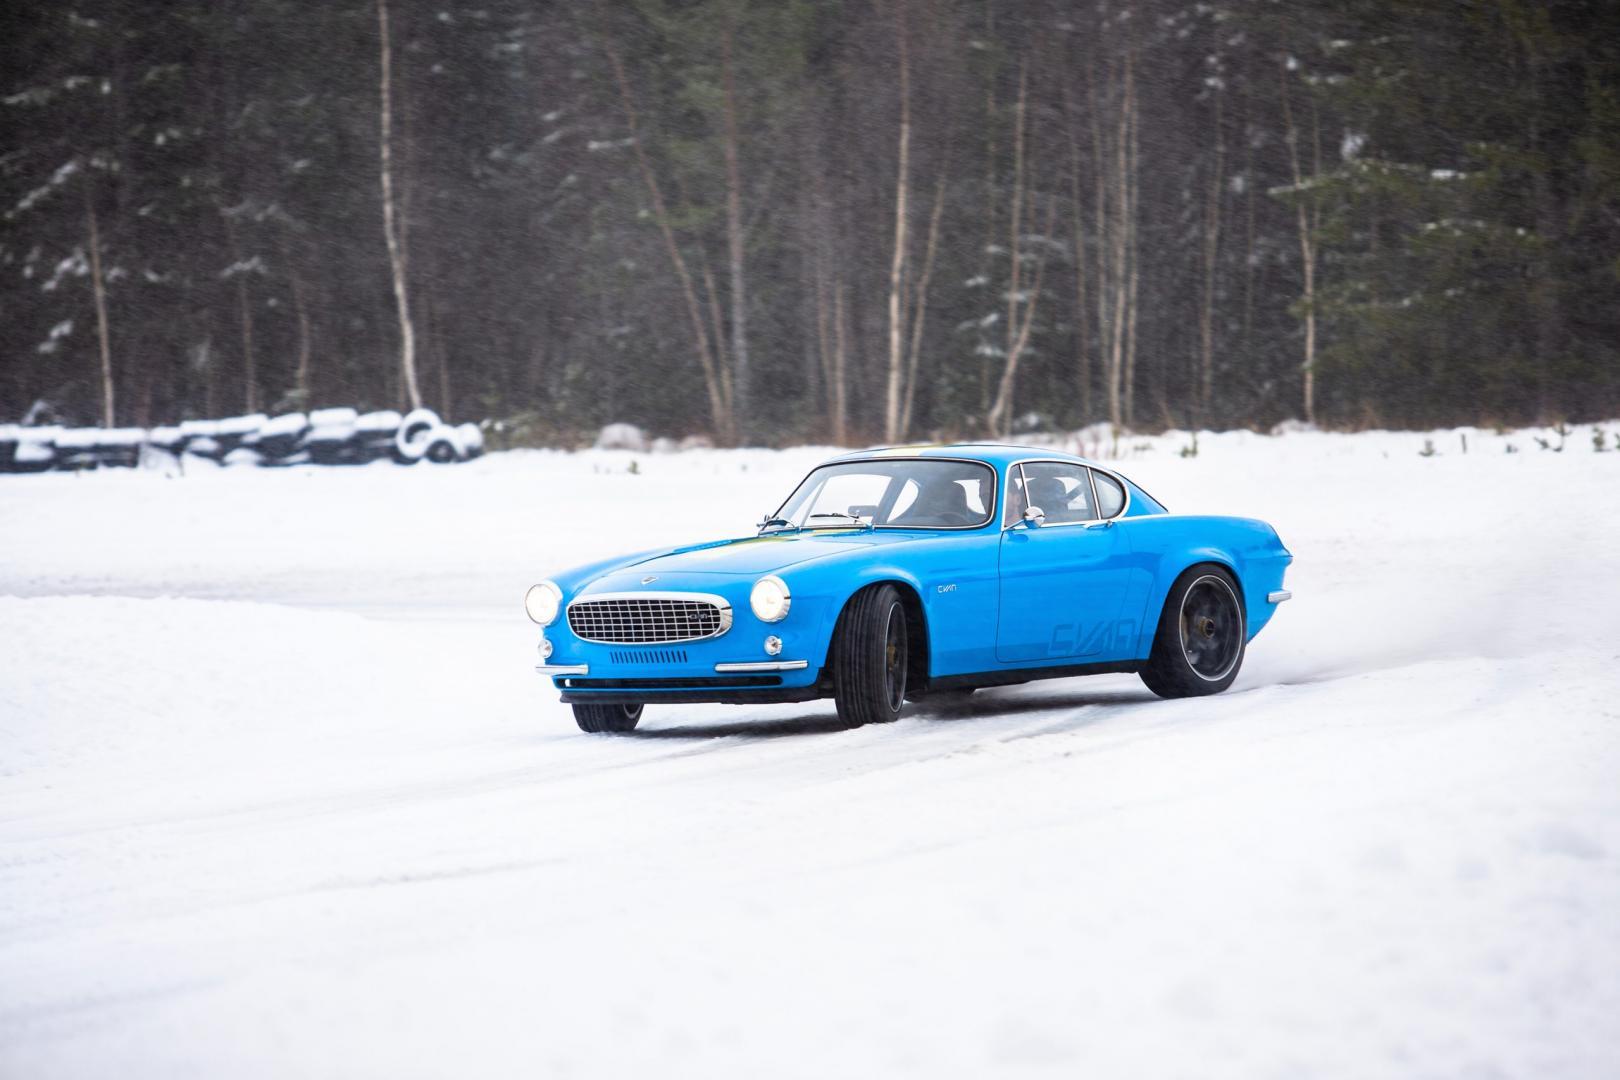 Volvo P1800 Cyan drift door de sneeuw in Zweden